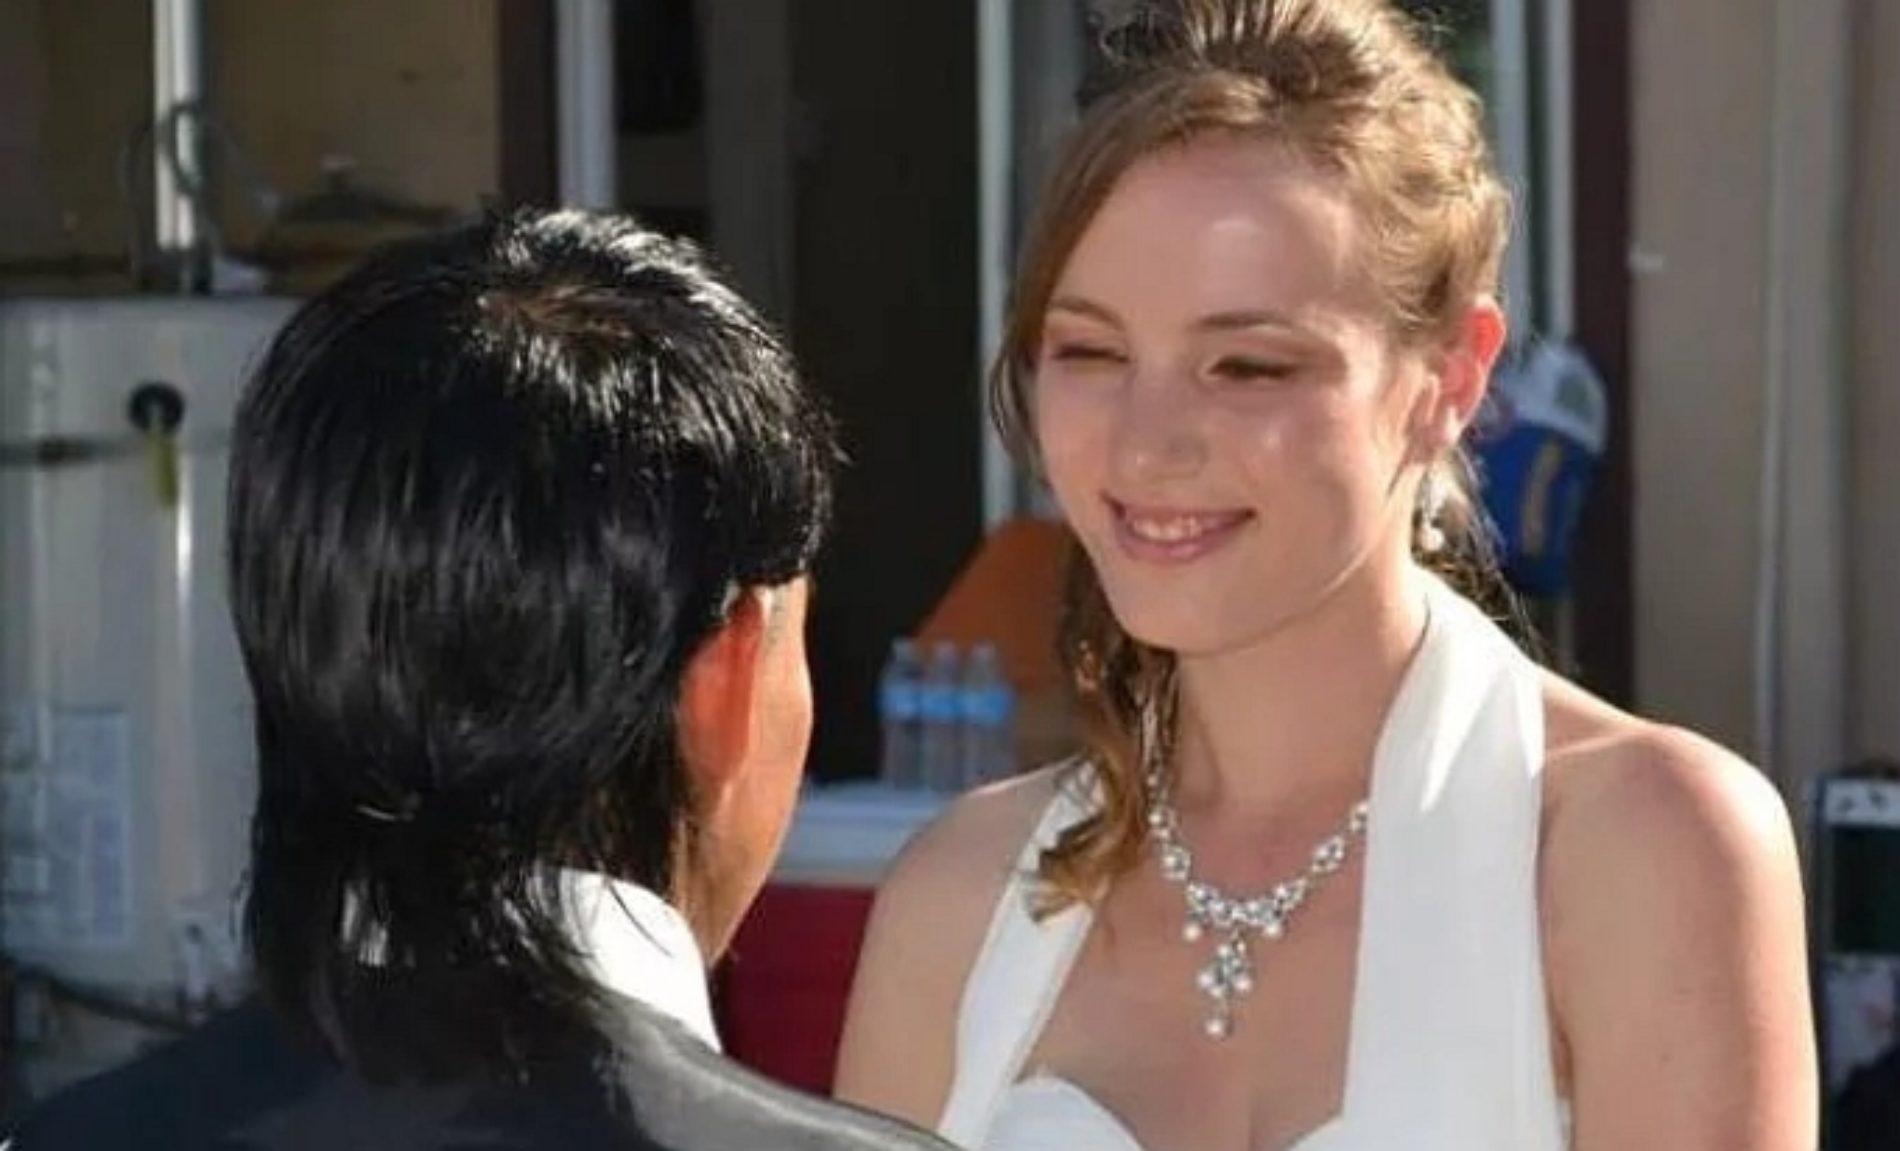 La increíble historia detrás de la boda que enloqueció a las redes sociales